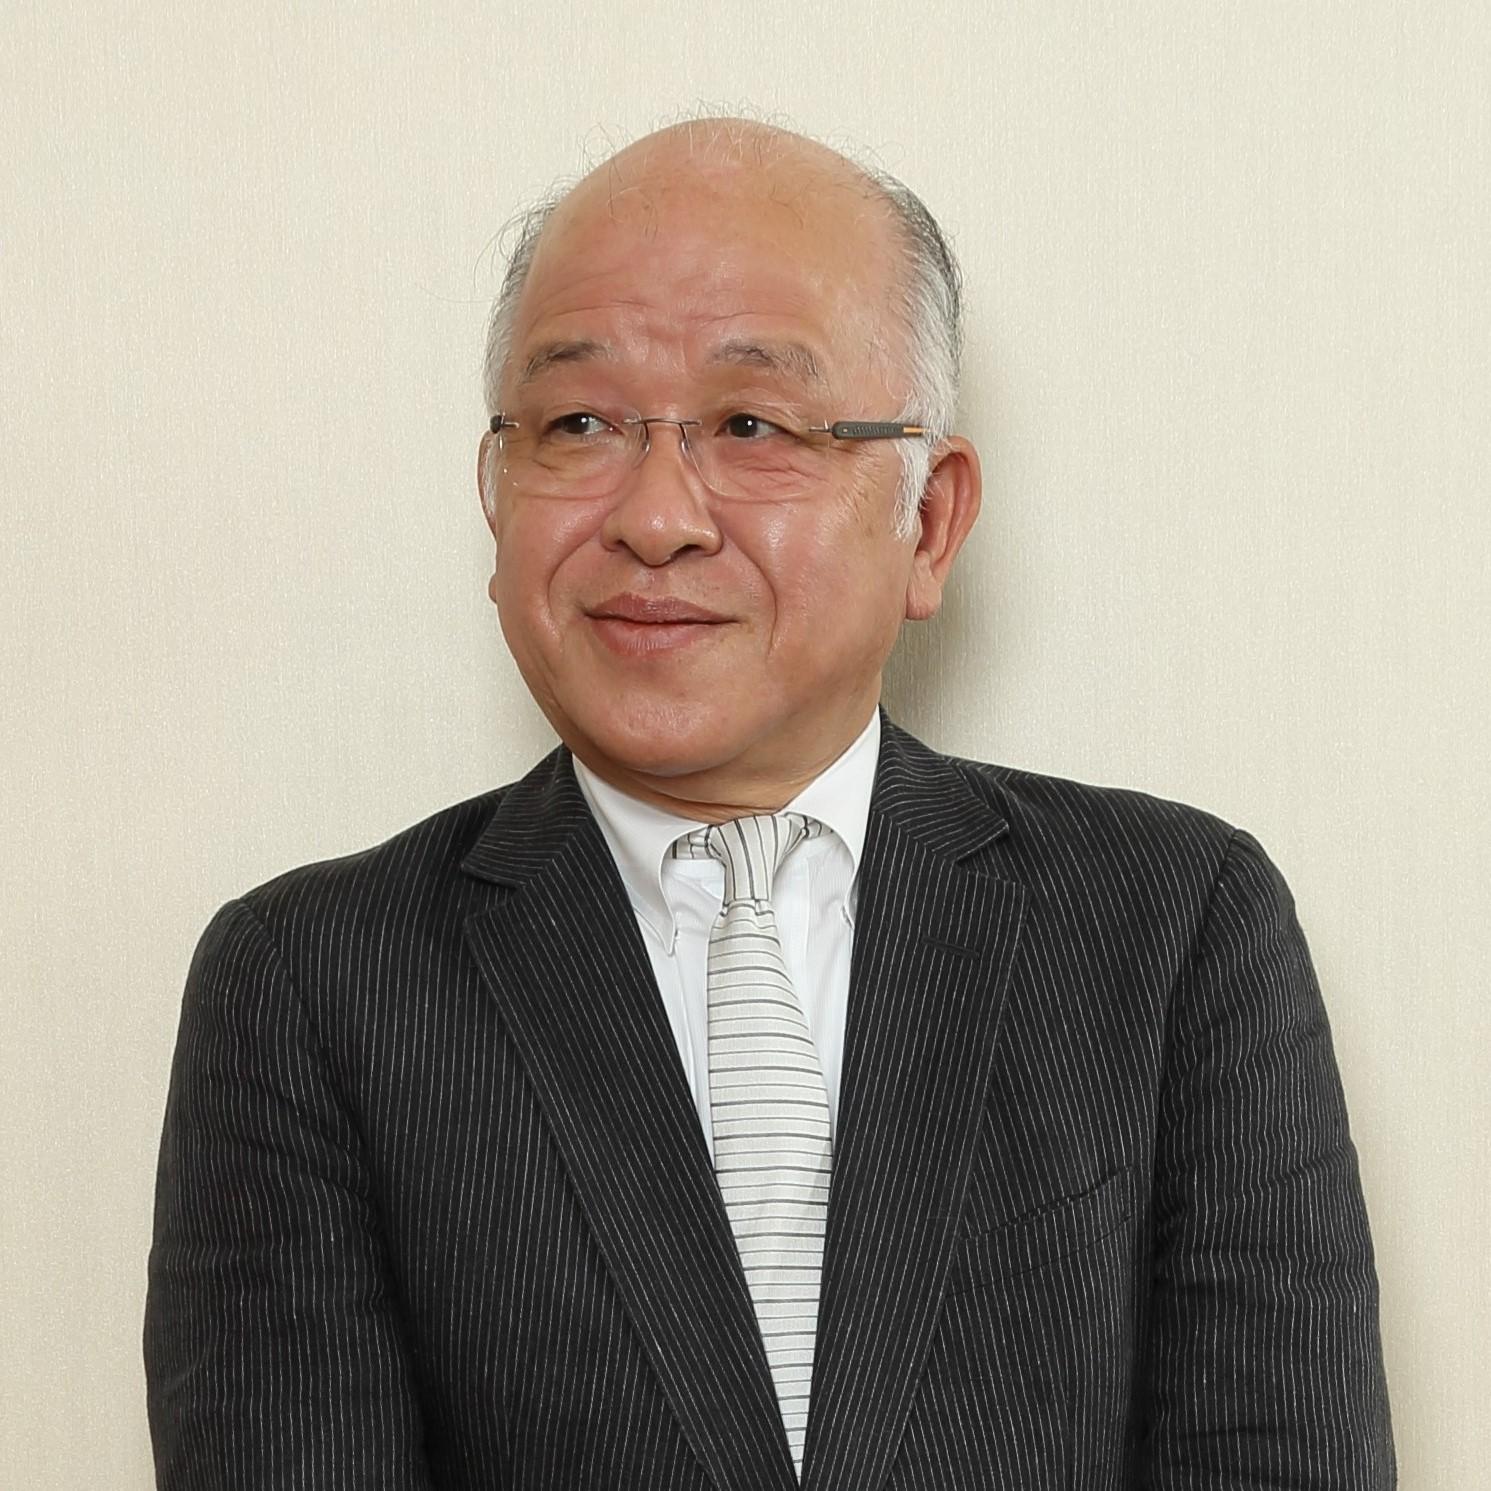 1/20(水)、「とくダネ!」で浅田次郎さんの『見果てぬ花』が紹介されました。